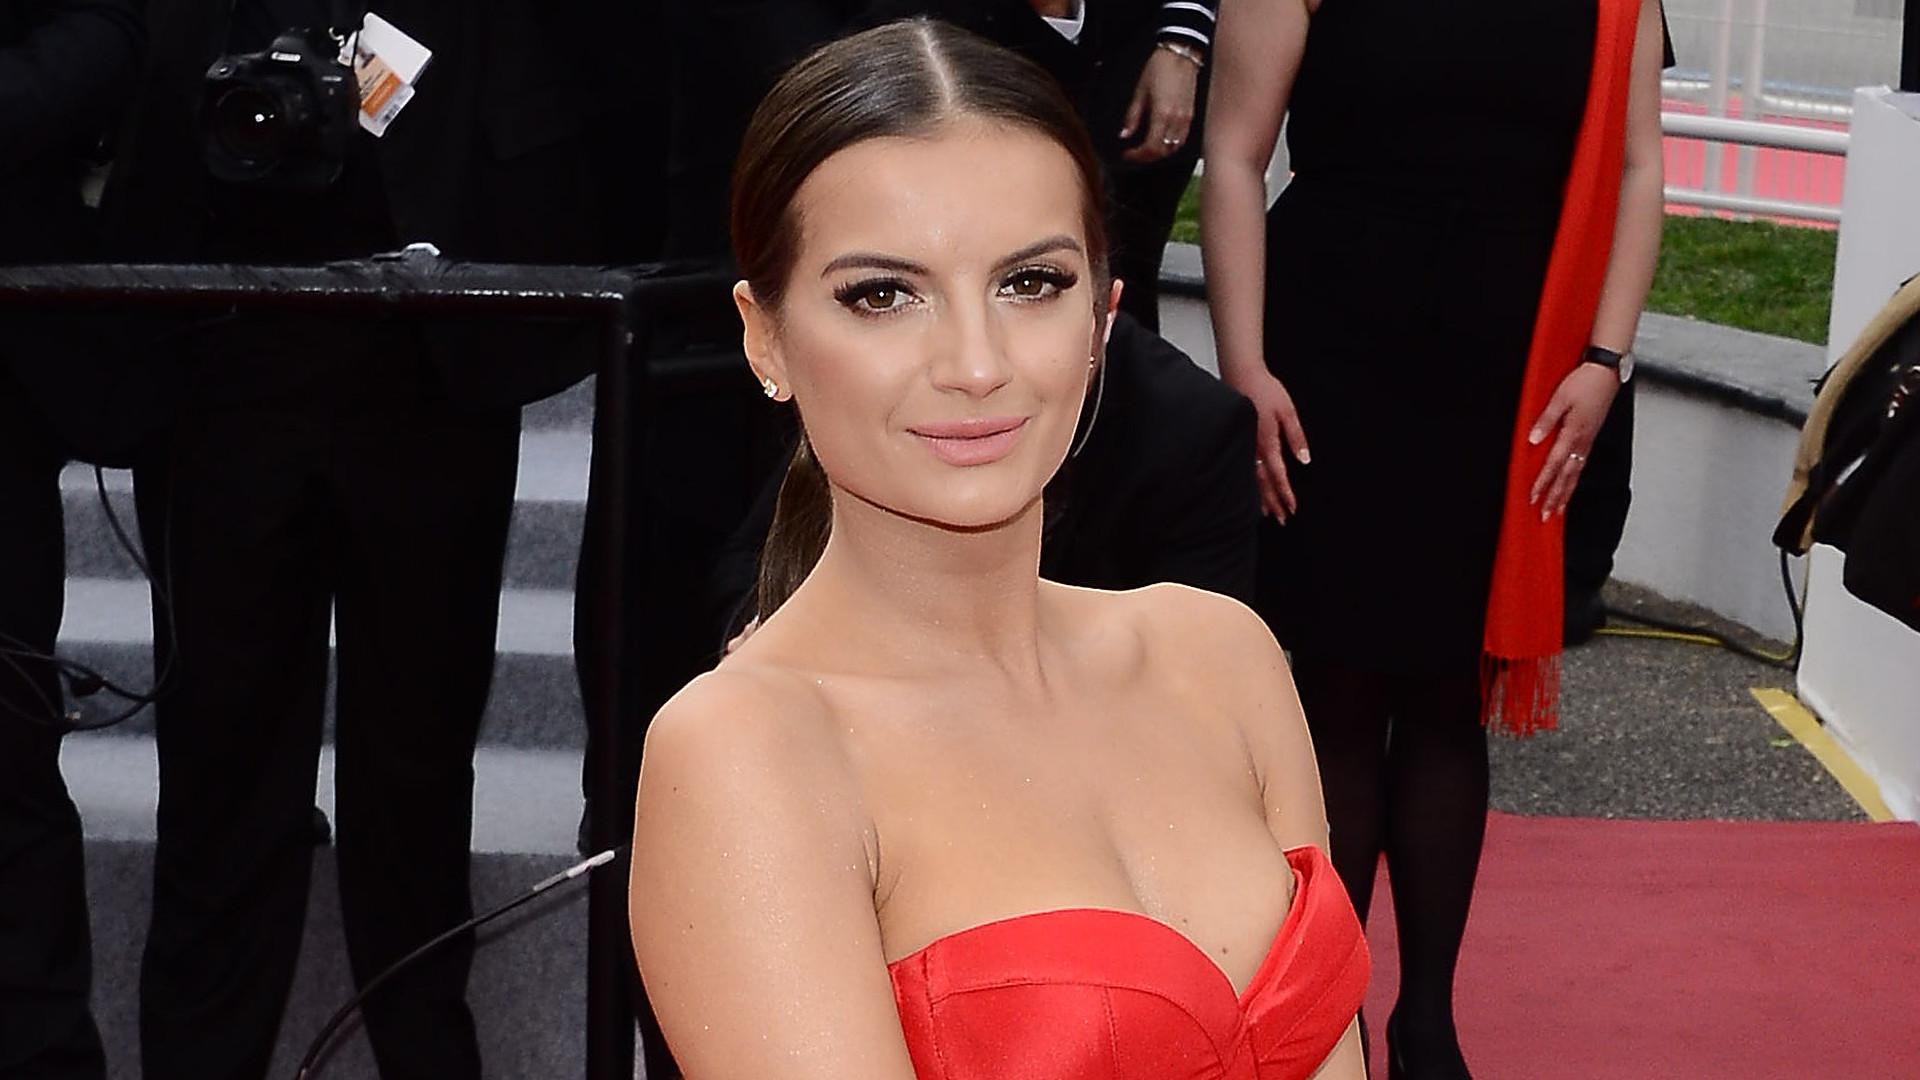 Polka w Cannes – Natalia Janoszek na festiwalu. Zobaczcie jej kreację – nie pochodzi z dużego domu mody (ZDJĘCIA)